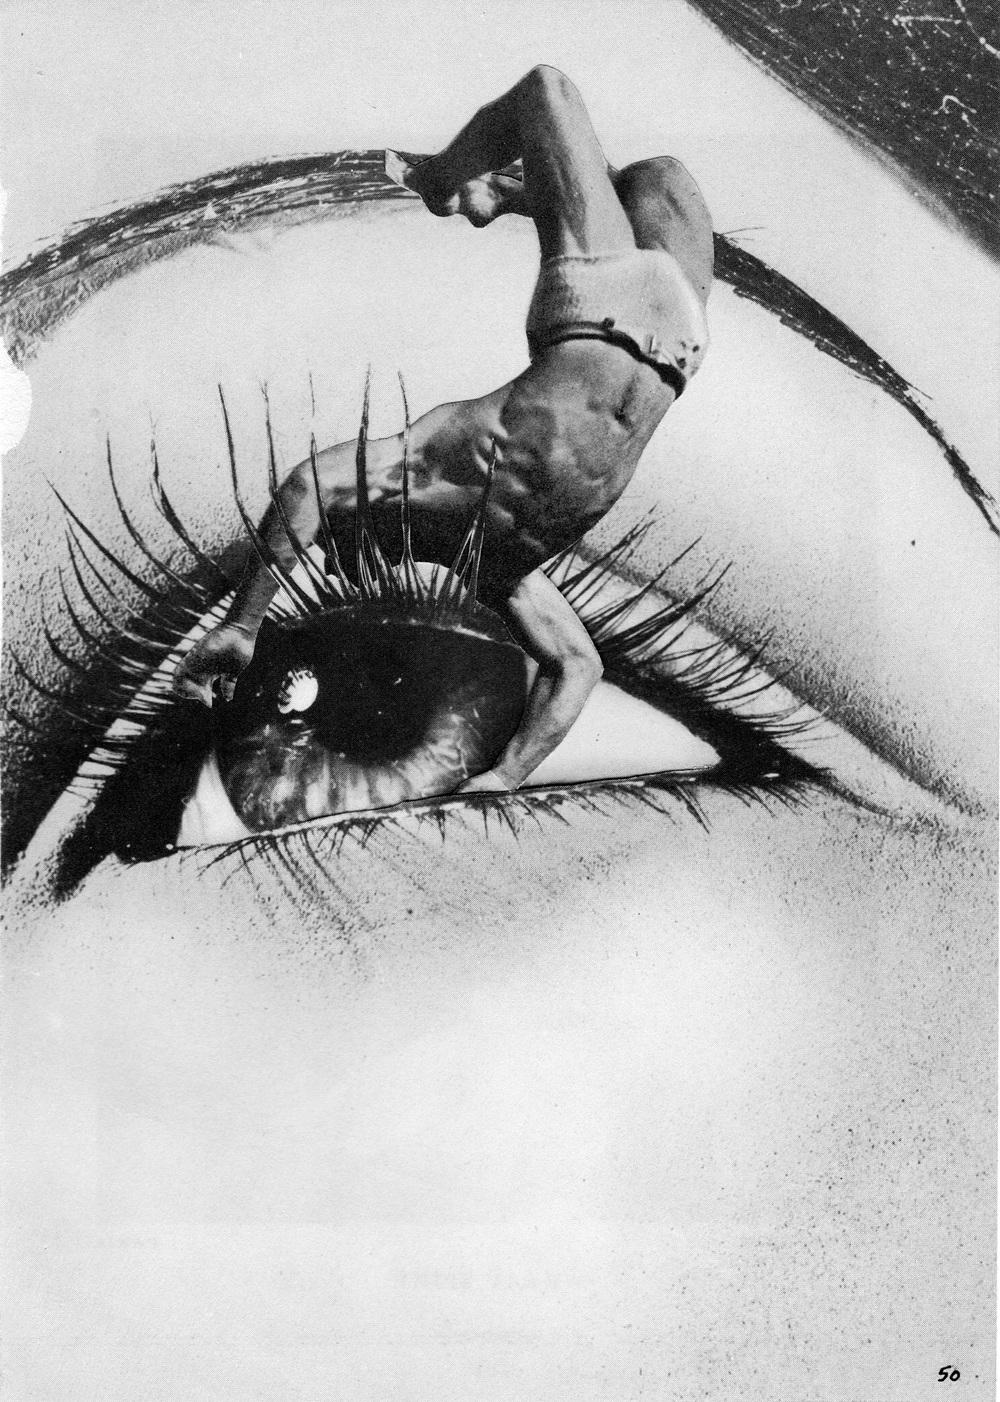 eye-spy.jpg